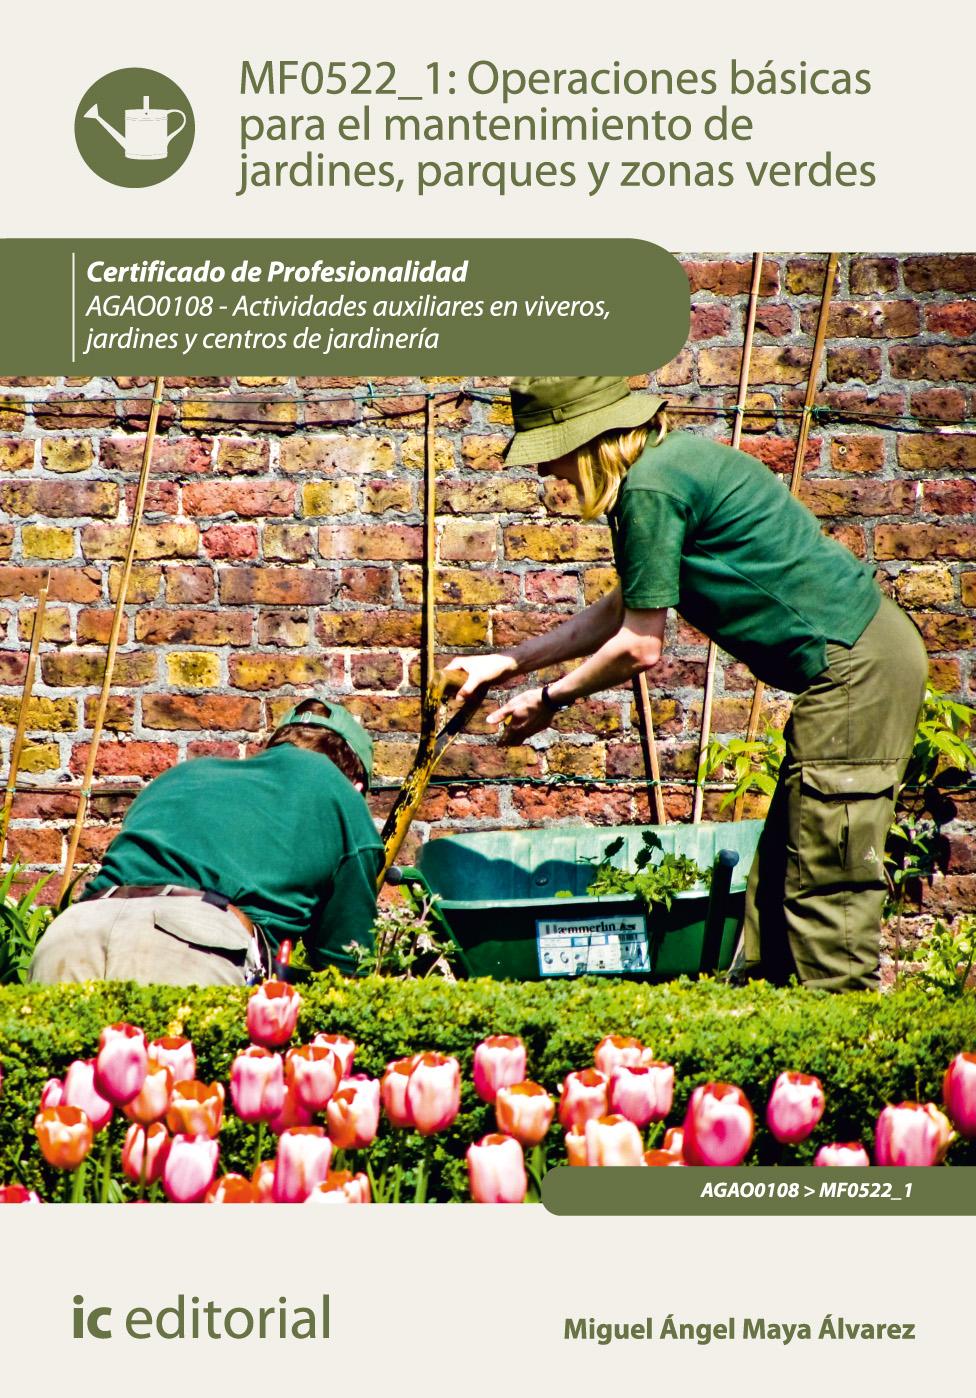 Operaciones básicas para el mantenimiento de jardines, parques y zonas verdes MF0522_1